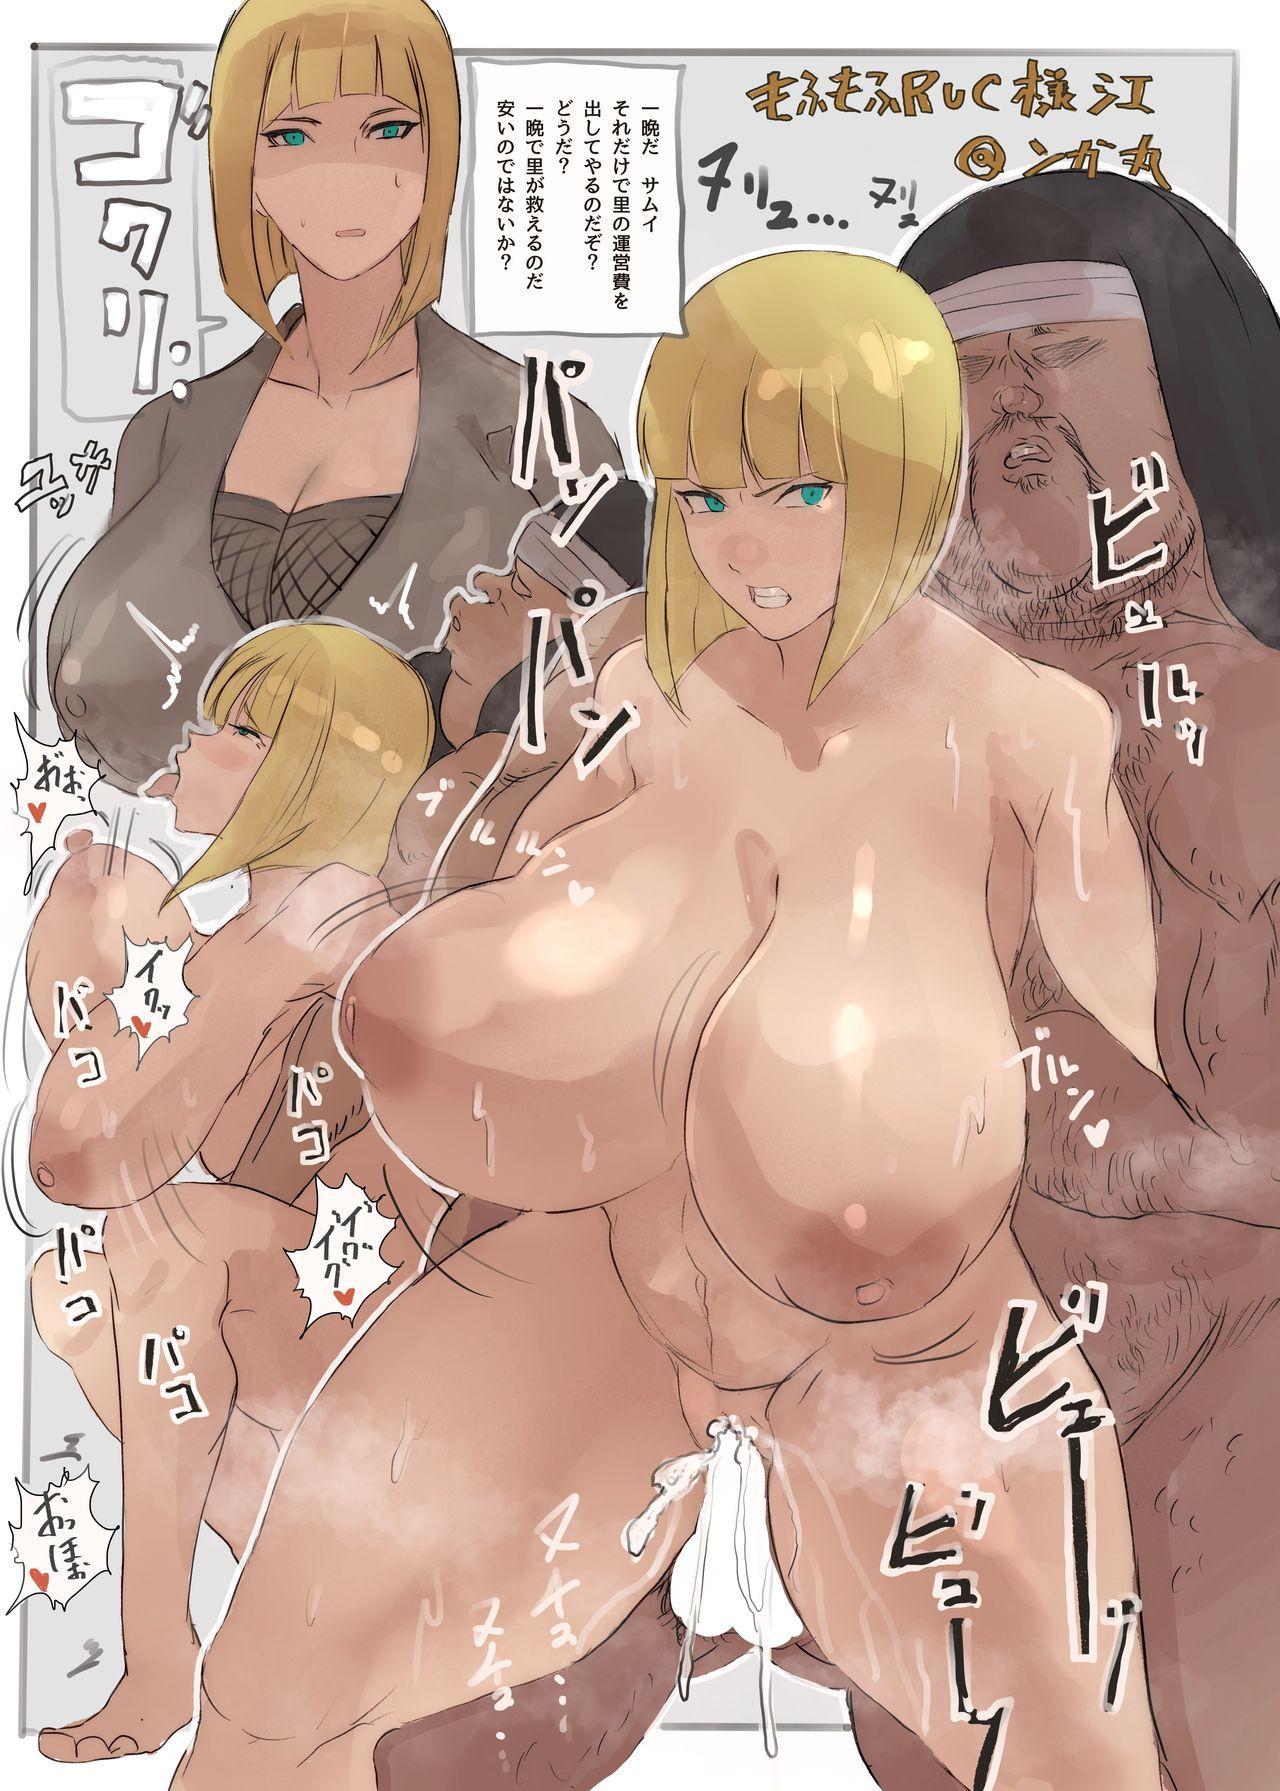 Sato Mamoru Samui-san Manga 0